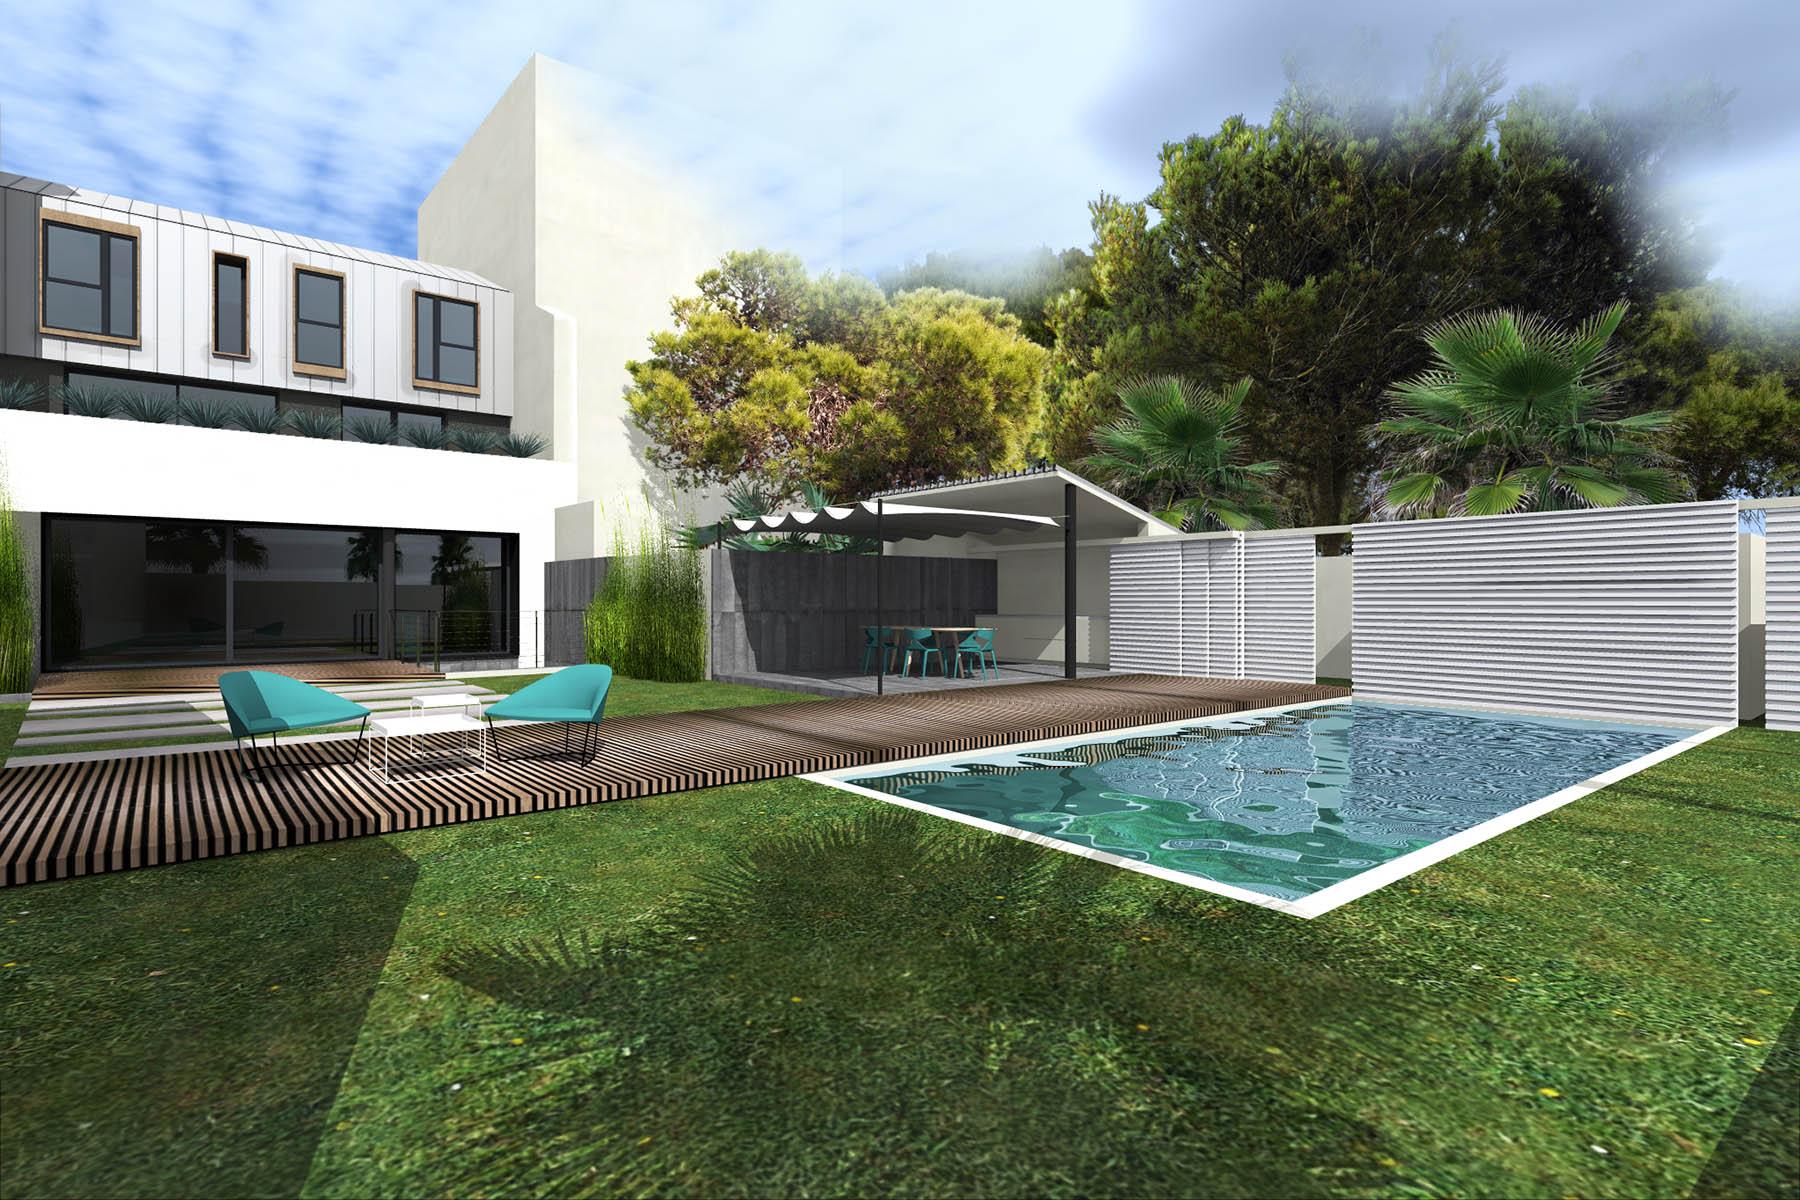 maison de ville jet marseille fr togu architecture. Black Bedroom Furniture Sets. Home Design Ideas